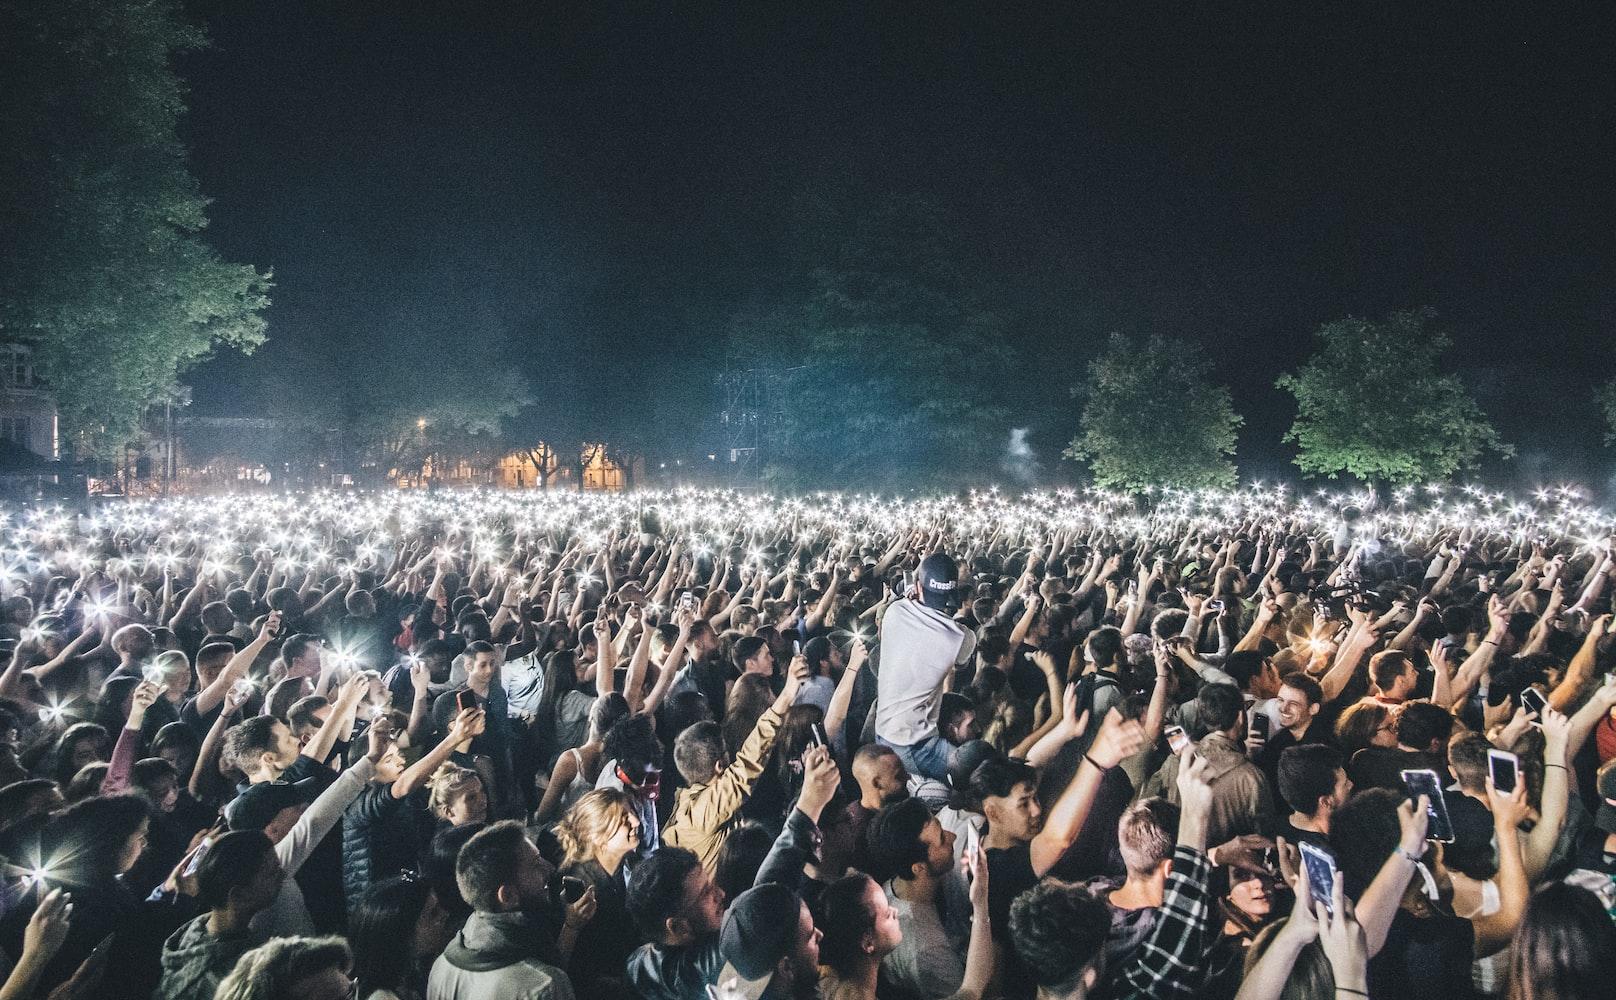 Las 8 mejores actividades en la Provenza - festival de música